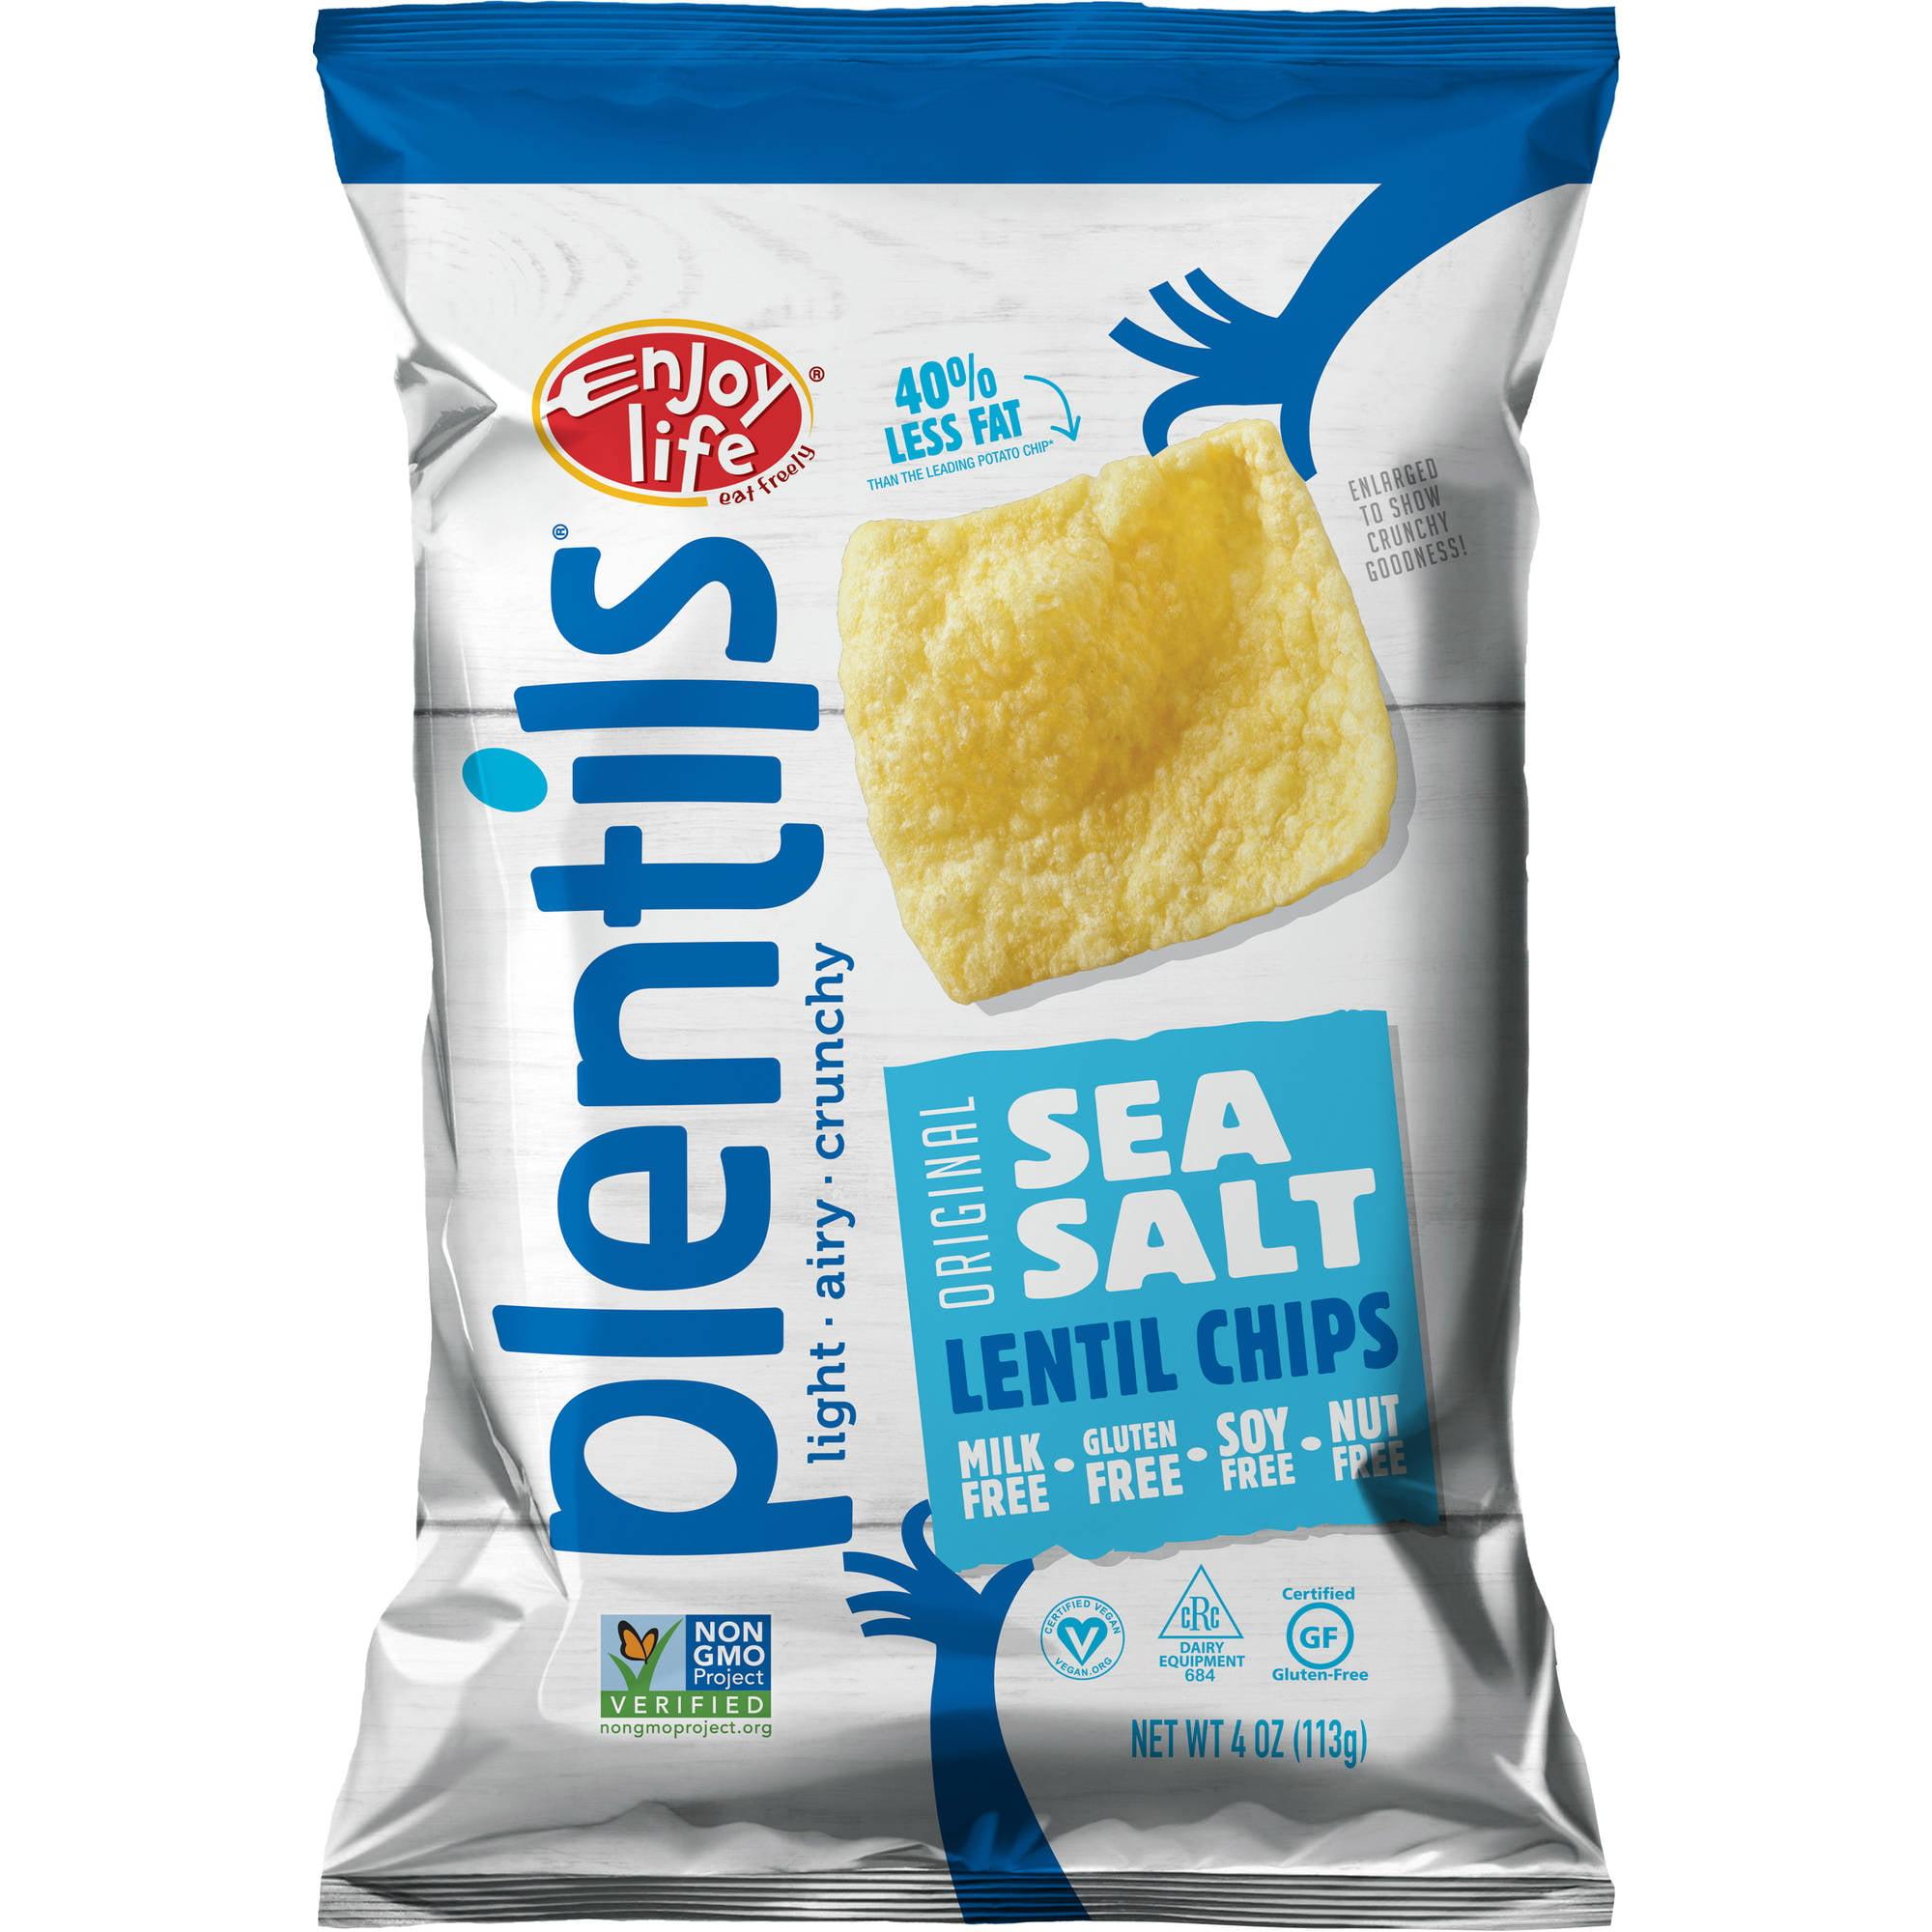 Enjoy Life Plentils Original Sea Salt Lentil Chips, 4 oz, (Pack of 12)